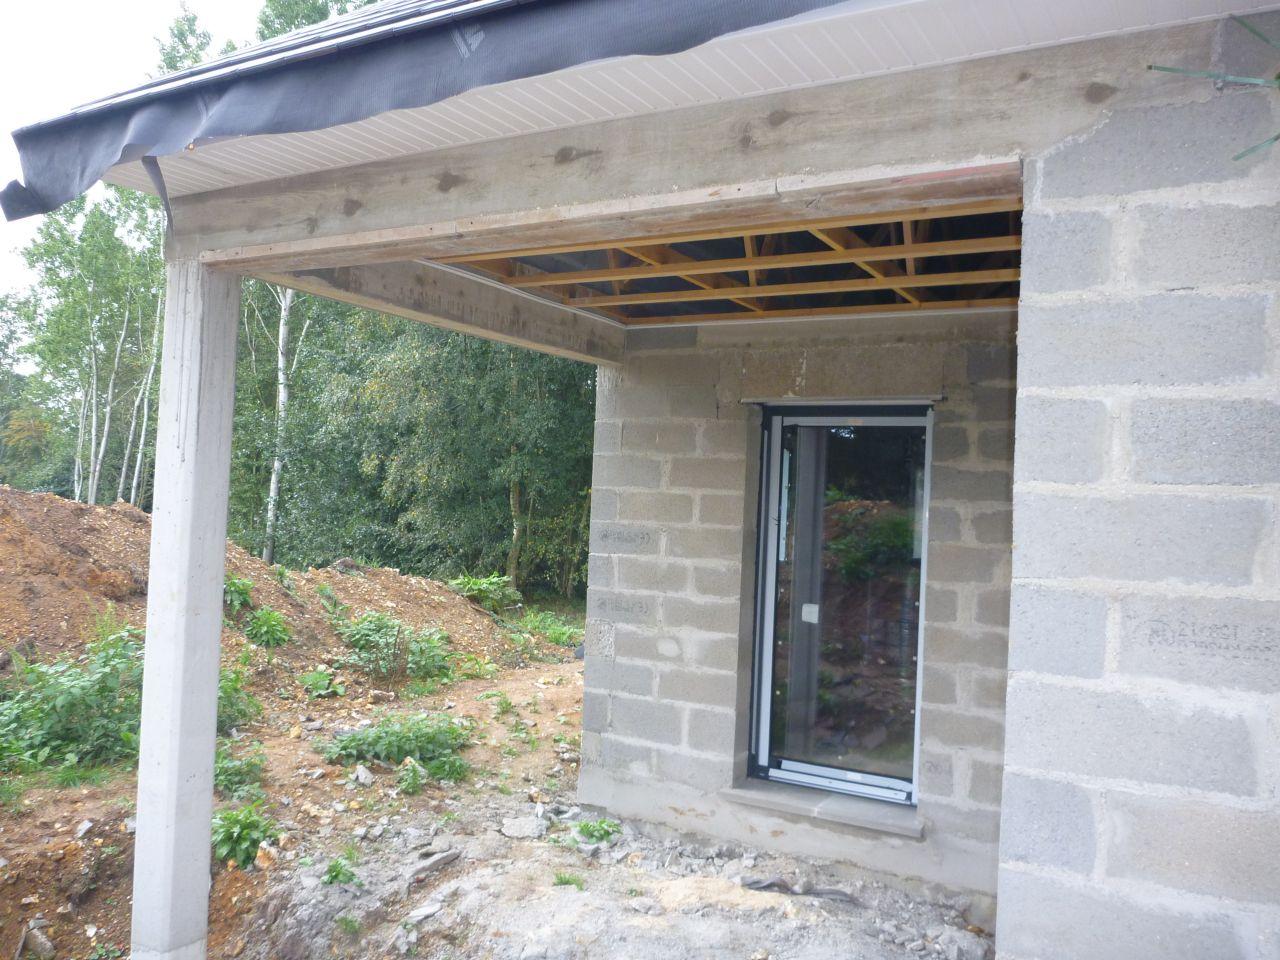 Habillage des d bords de toitures et sous face de terrasse for Lambris bois exterieur sous toiture